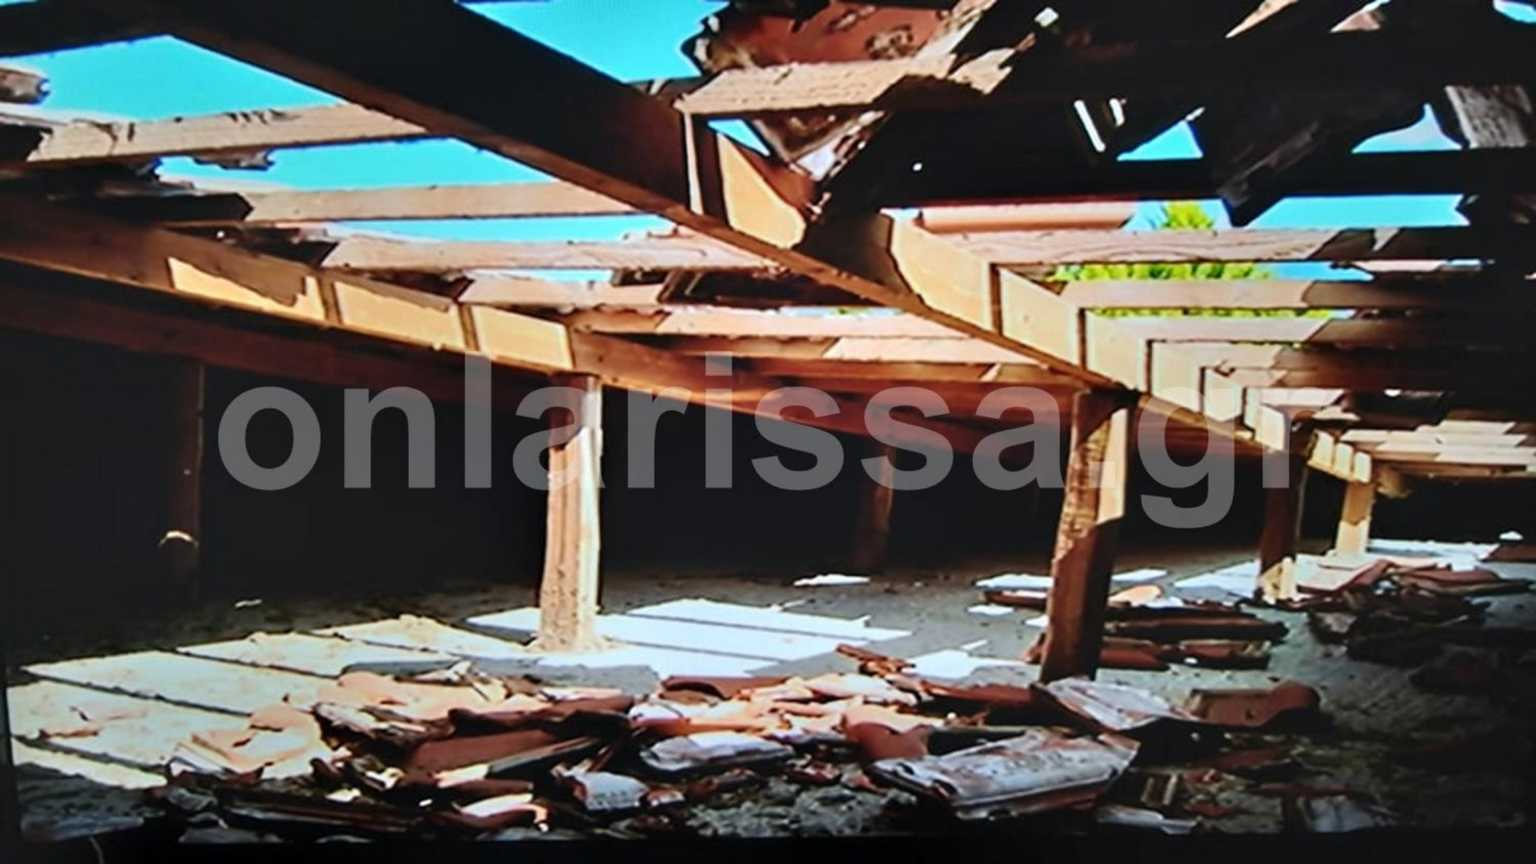 """Λάρισα: """"Αεροσκάφος πετούσε τόσο χαμηλά που διέλυσε το σπίτι μας""""! Εικόνες που προκαλούν ερωτήματα (Βίντεο)"""